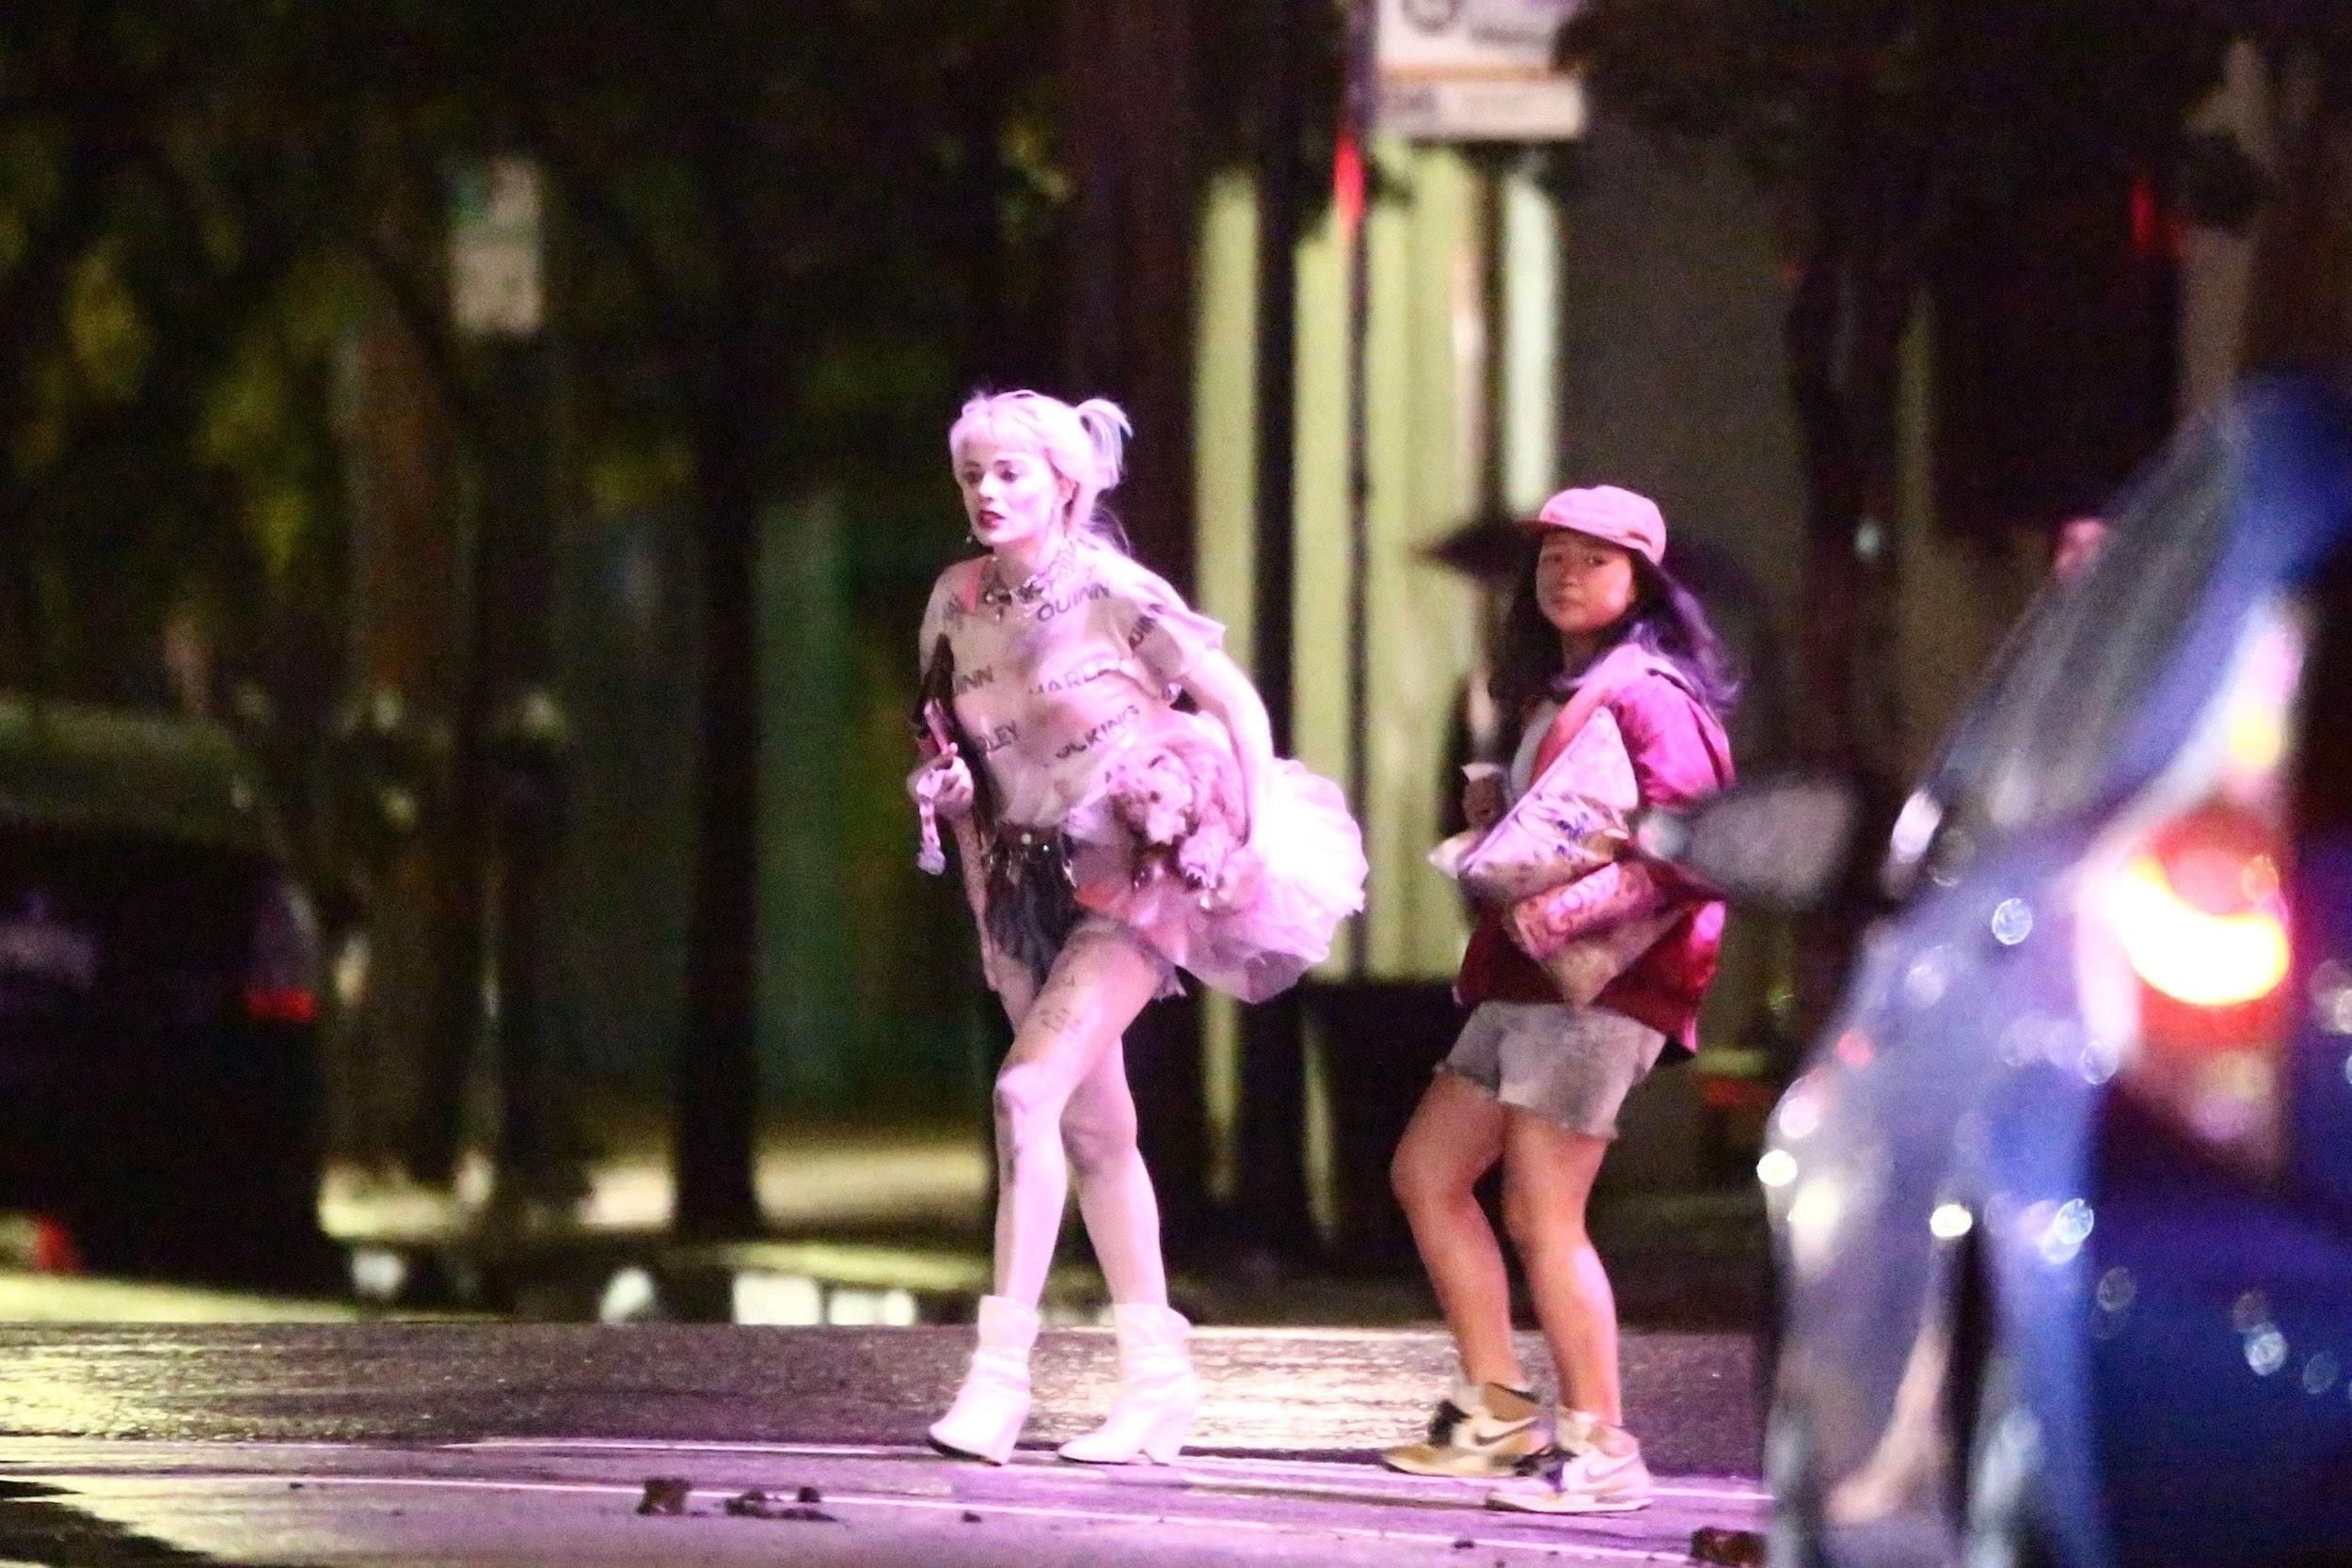 Harley Quinn & Cassandra Cain escaping after an explosion on the set of Birds of Prey : DCコミックスの戦うヒロイン映画の最新作「バーズ・オブ・プレイ」の中華料理屋が爆破されたのかもしれないハーレー・クインのマーゴット・ロビーとカサンドラ・ケインのエラ・ジェイ・バスコちゃん ! !